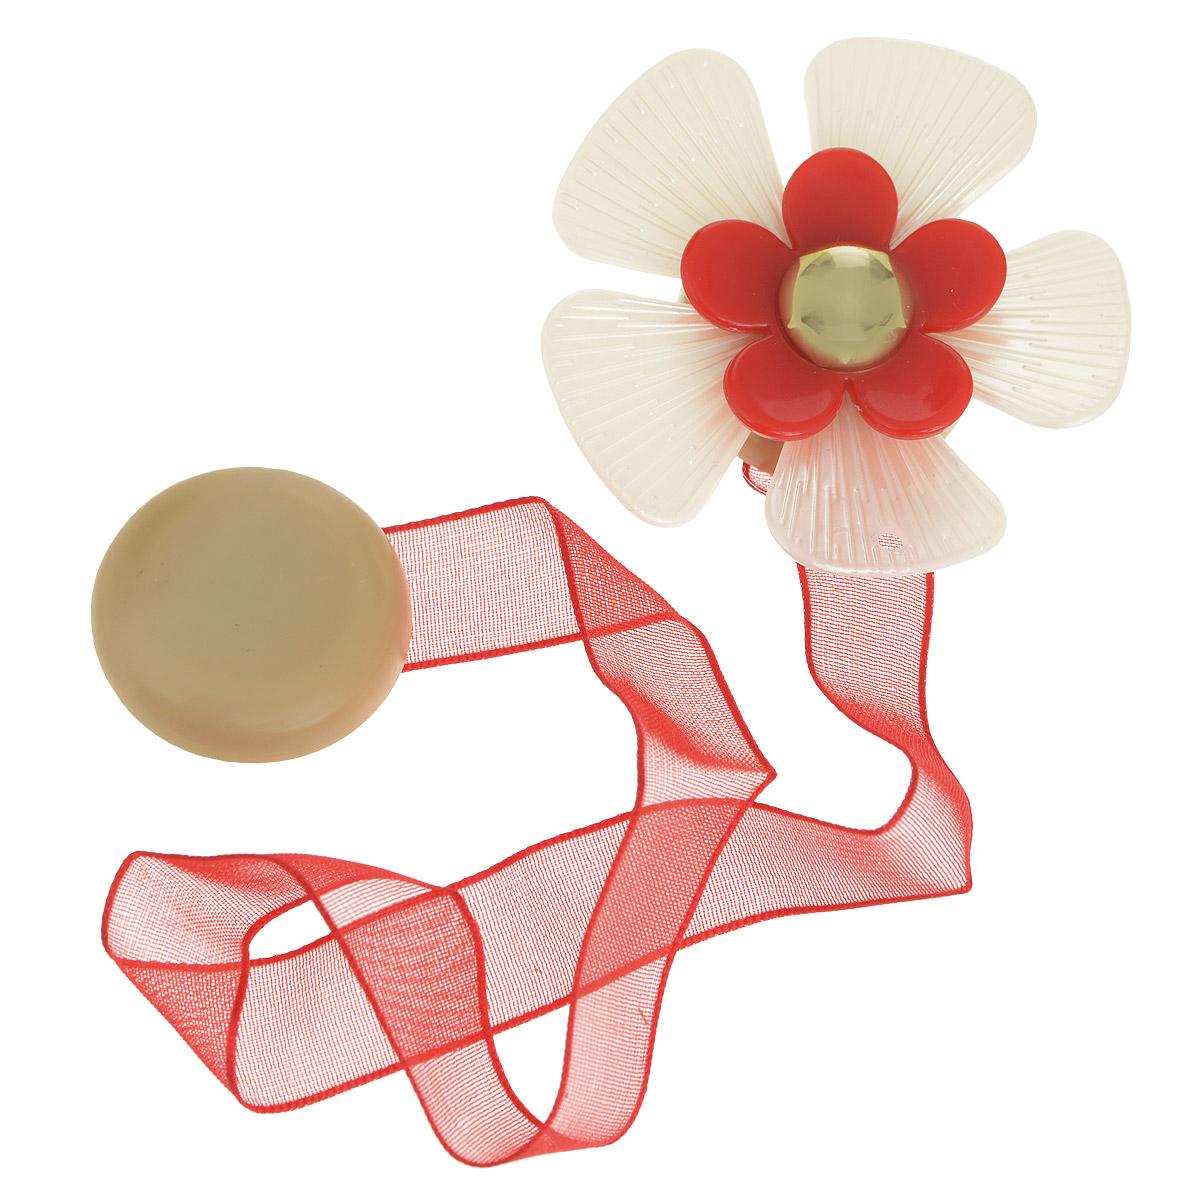 Клипса-магнит для штор Calamita Fiore, цвет:бежевый, красный. 7704017_5727704017_572Клипса-магнит Calamita Fiore, изготовленная из пластика и текстиля, предназначена для придания формы шторам. Изделие представляет собой два магнита, расположенные на разных концах текстильной ленты. Один из магнитов оформлен декоративным цветком. С помощью такой магнитной клипсы можно зафиксировать портьеры, придать им требуемое положение, сделать складки симметричными или приблизить портьеры, скрепить их. Клипсы для штор являются универсальным изделием, которое превосходно подойдет как для штор в детской комнате, так и для штор в гостиной. Следует отметить, что клипсы для штор выполняют не только практическую функцию, но также являются одной из основных деталей декора этого изделия, которая придает шторам восхитительный, стильный внешний вид. Материал: пластик, полиэстер, магнит.Диаметр декоративного цветка: 5 см.Диаметр магнита: 2,5 см.Длина ленты: 28 см.